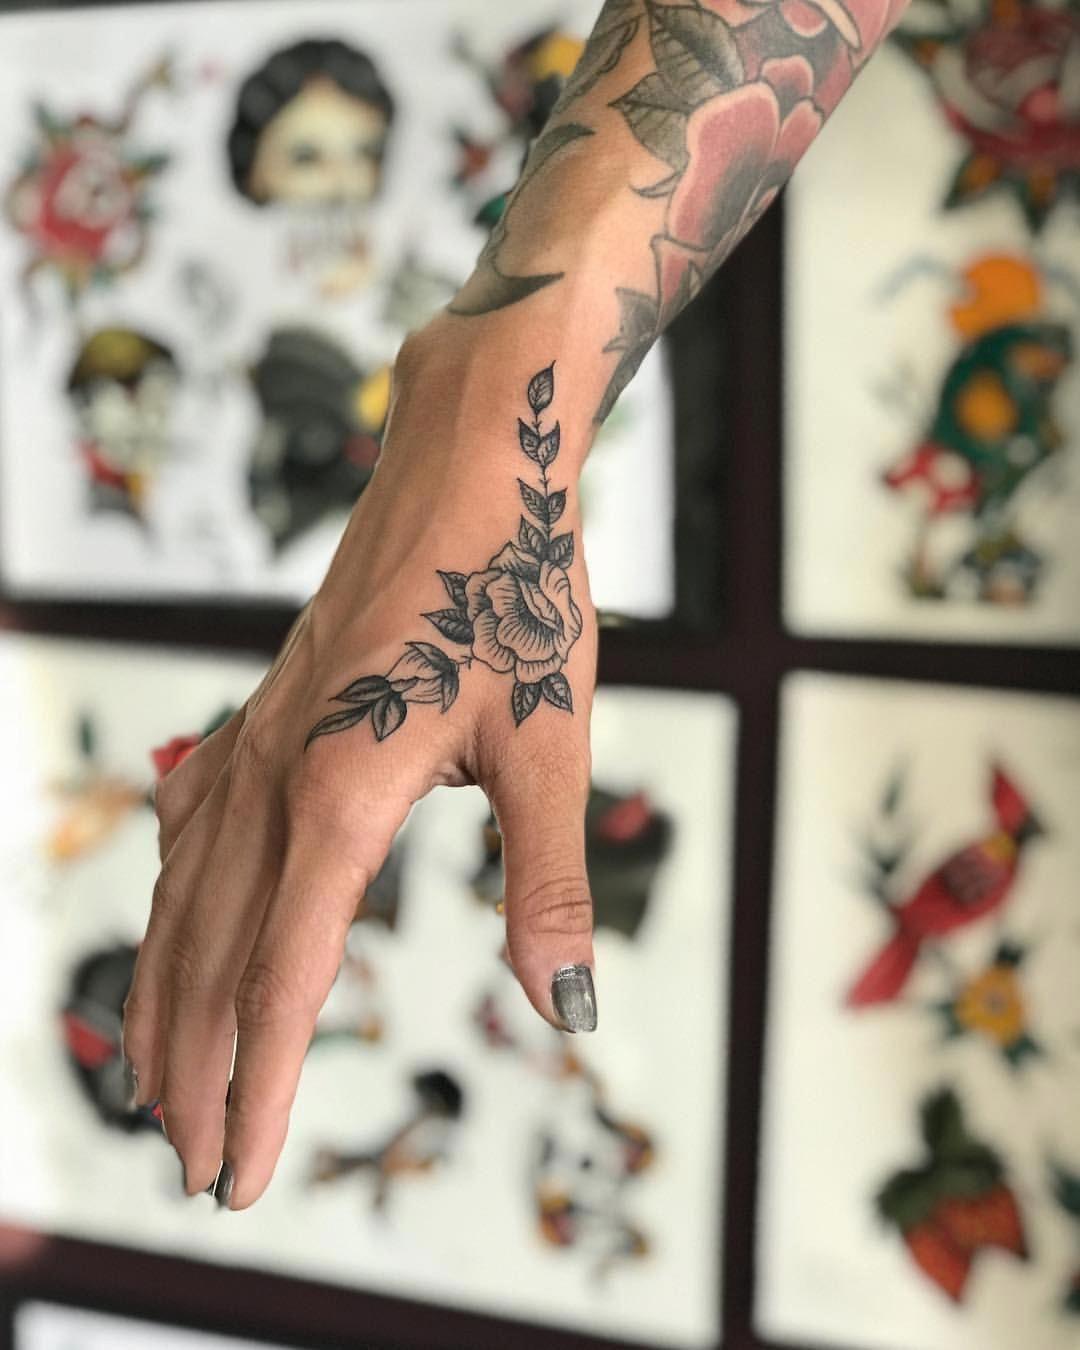 Wrist Tattoo Wristtattoo Hand Tattoos For Women Small Hand Tattoos Arm Tattoos For Women